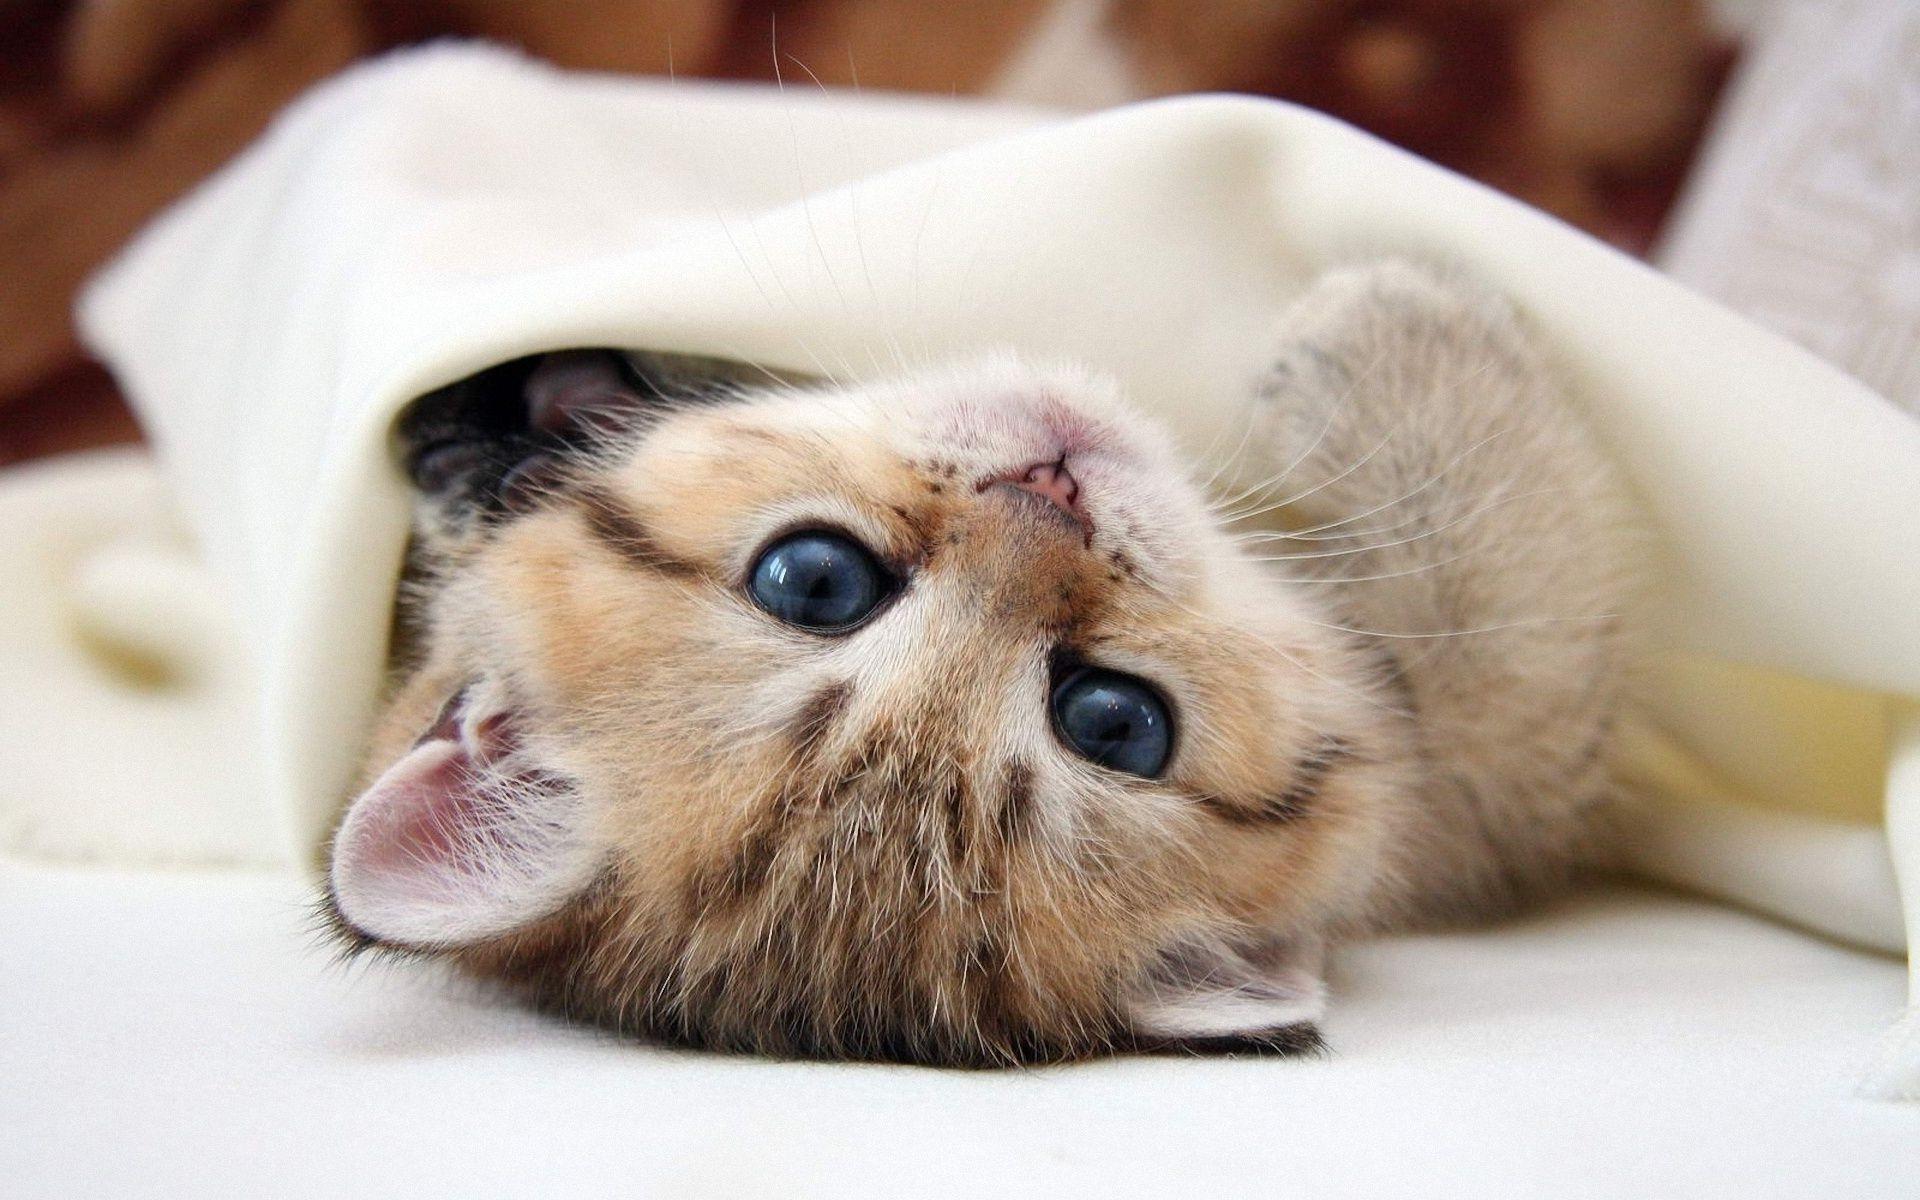 актриса часто картинки на рабочий стол коты няшные можно сэкономить ехать